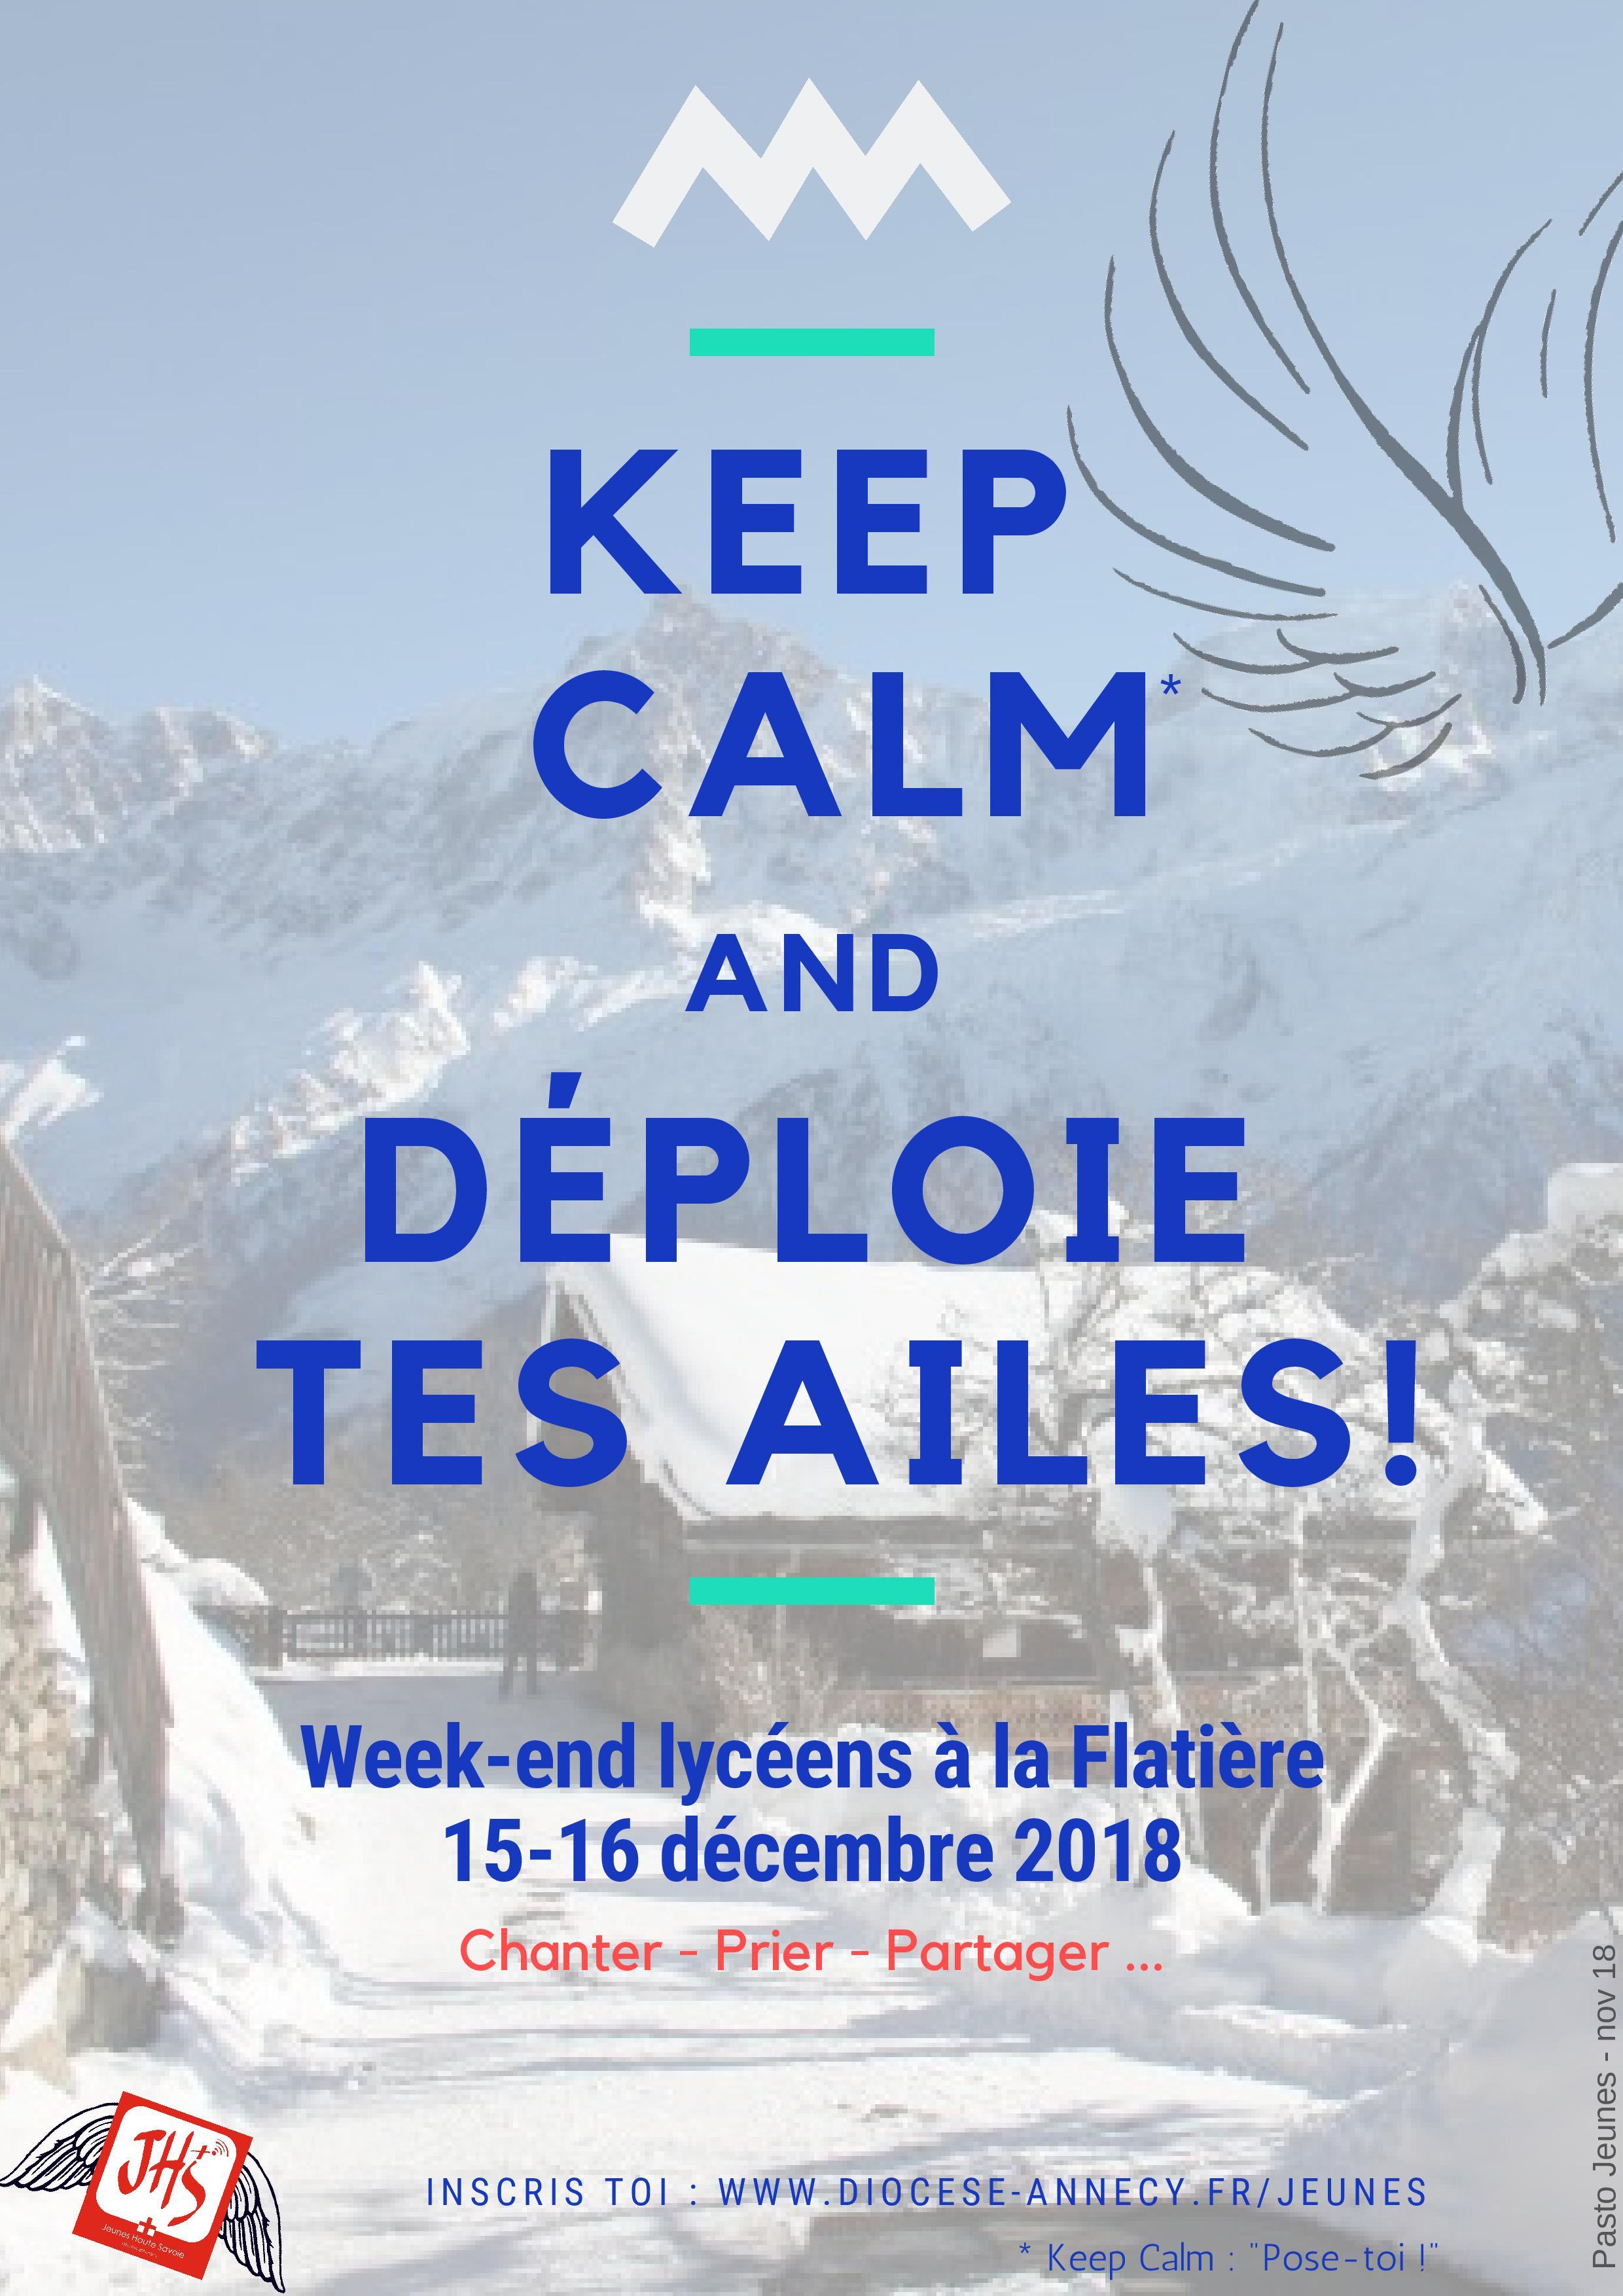 Week-end lycéens à la Flatière (74) les 15 & 16 décembre 2018